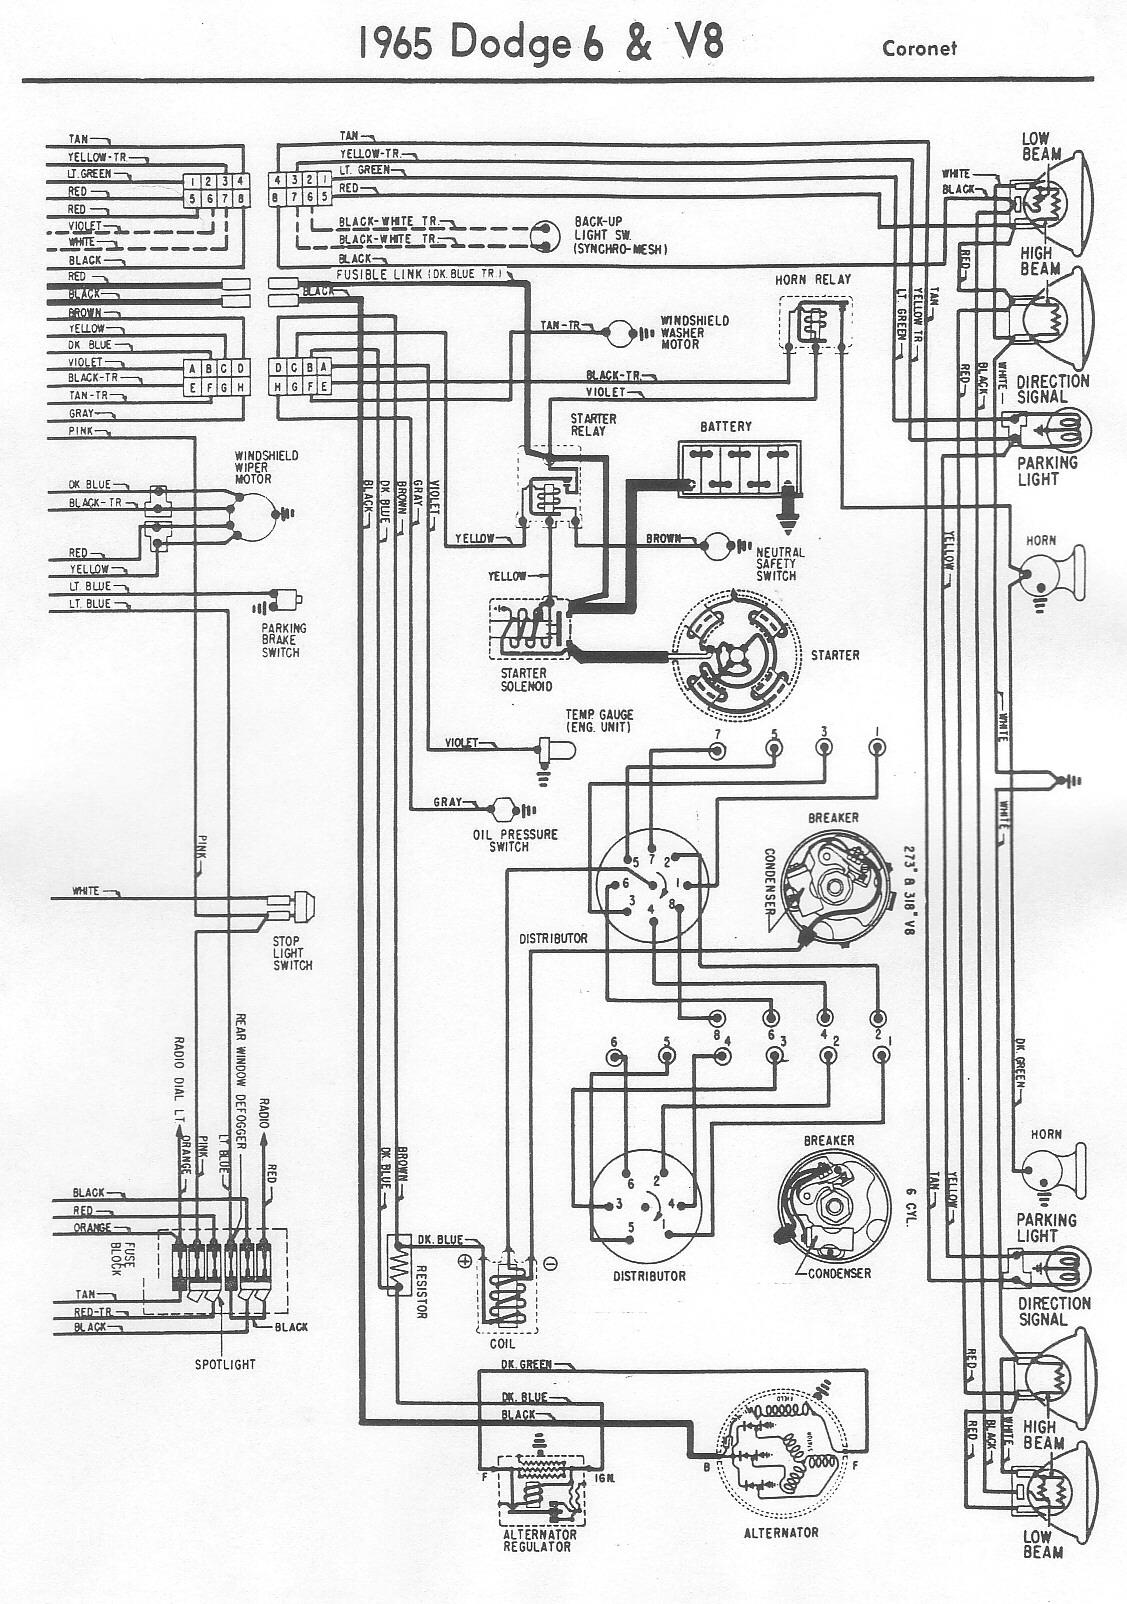 [SCHEMATICS_4HG]  NR_7278] 2015 Dodge Dart Wiring Diagrams Schematic Wiring | 2015 Mopar Wiring Diagrams |  | Mang Hendil Mohammedshrine Librar Wiring 101